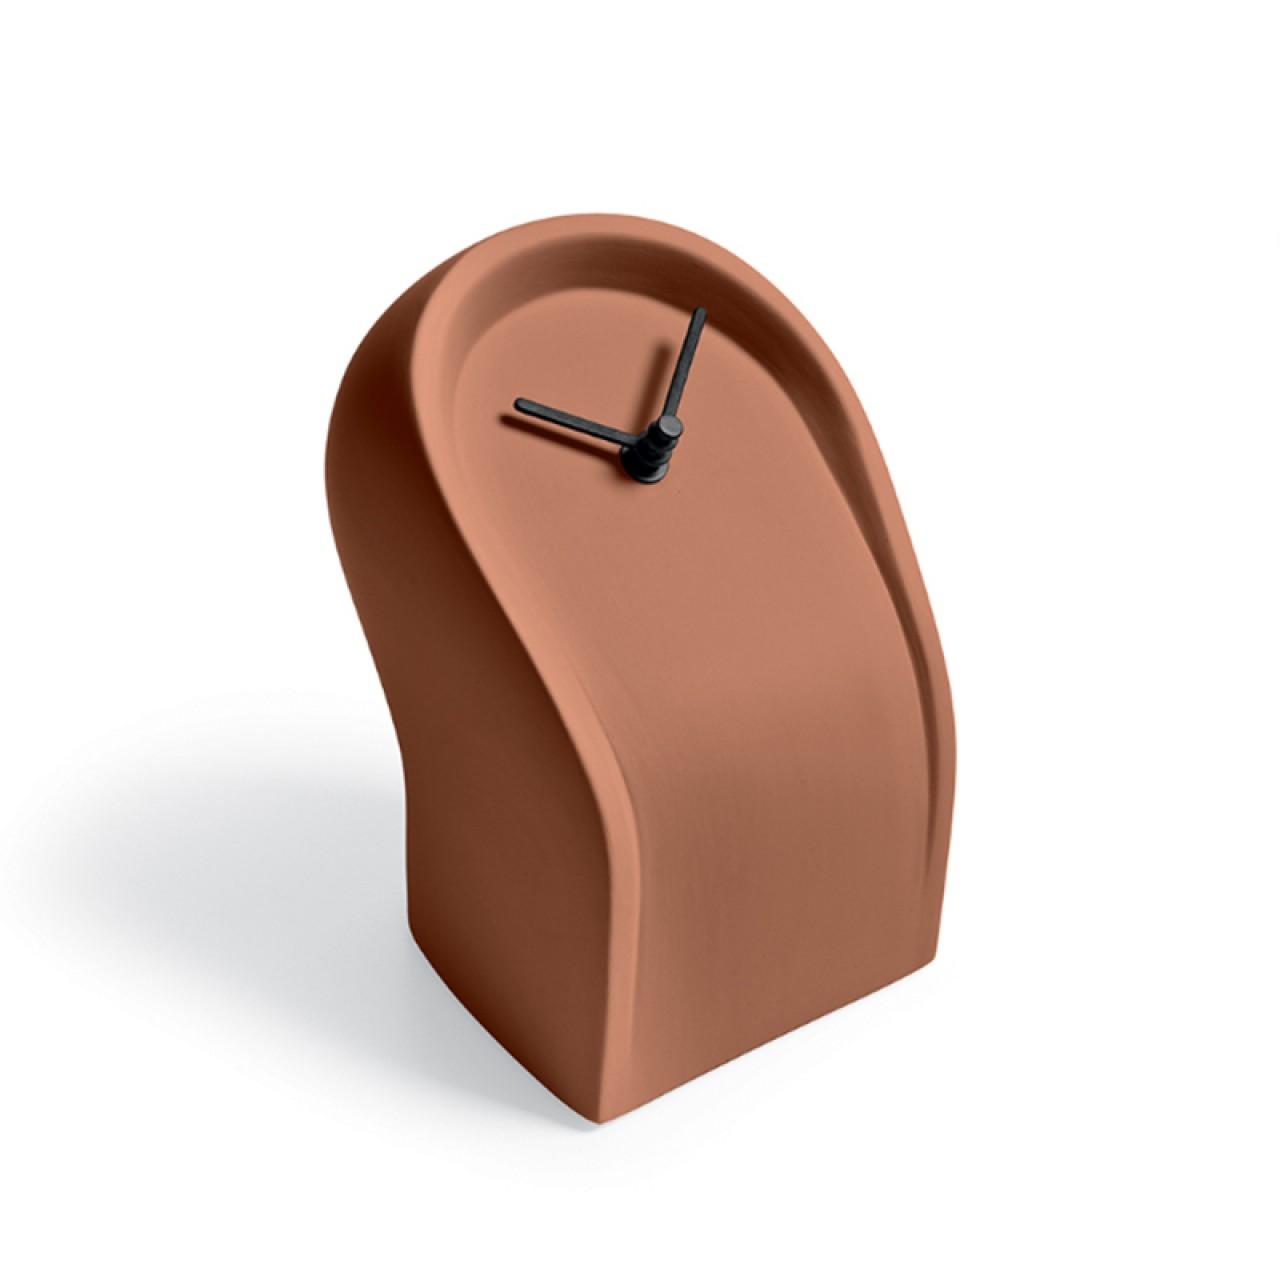 Osvaldo orologio spazio object torino calligaris for Spazio arredo torino